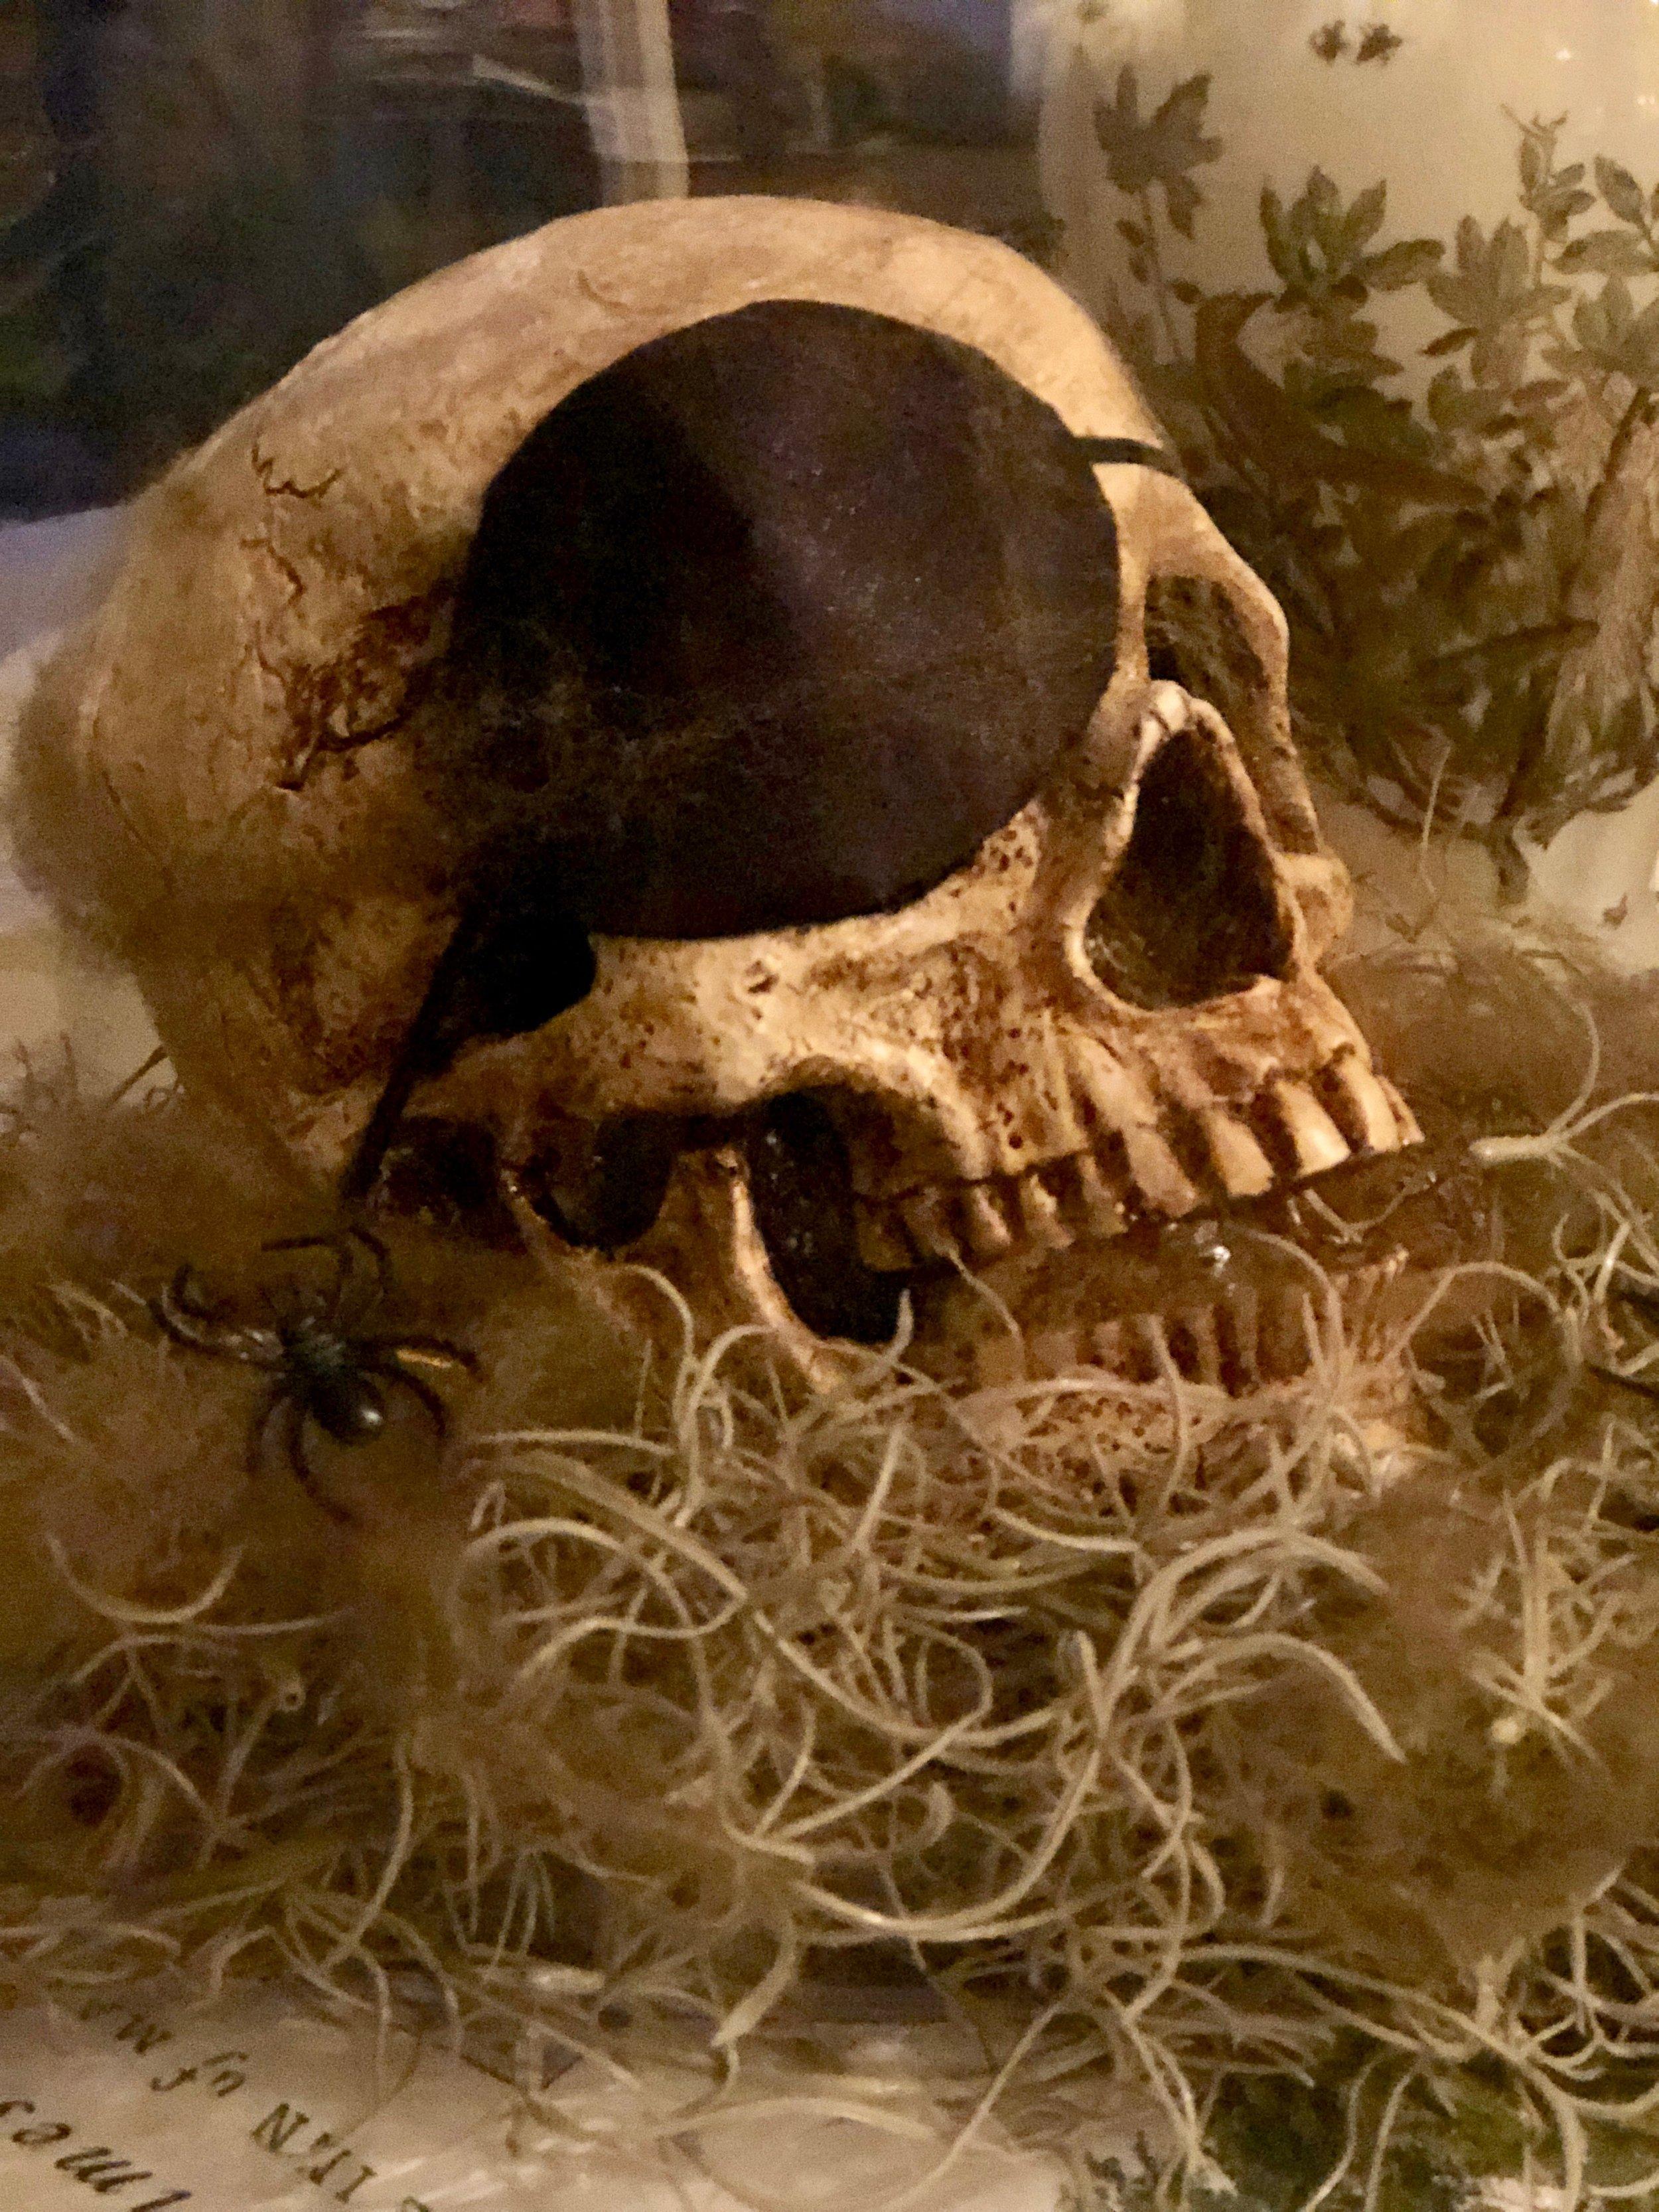 skull under glass for halloween